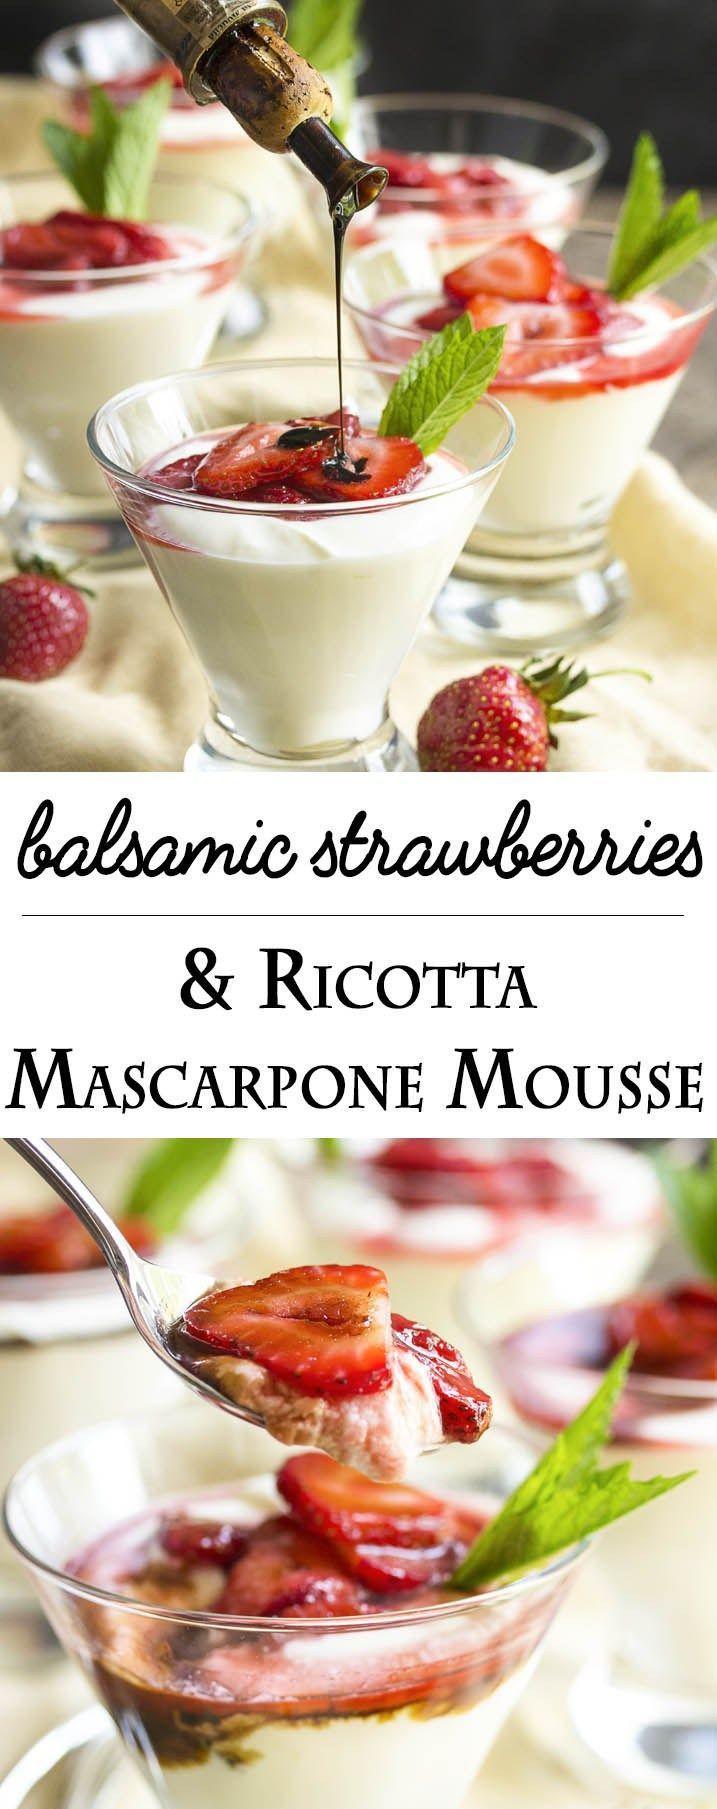 Wedding - Balsamic Strawberry Mascarpone Mousse